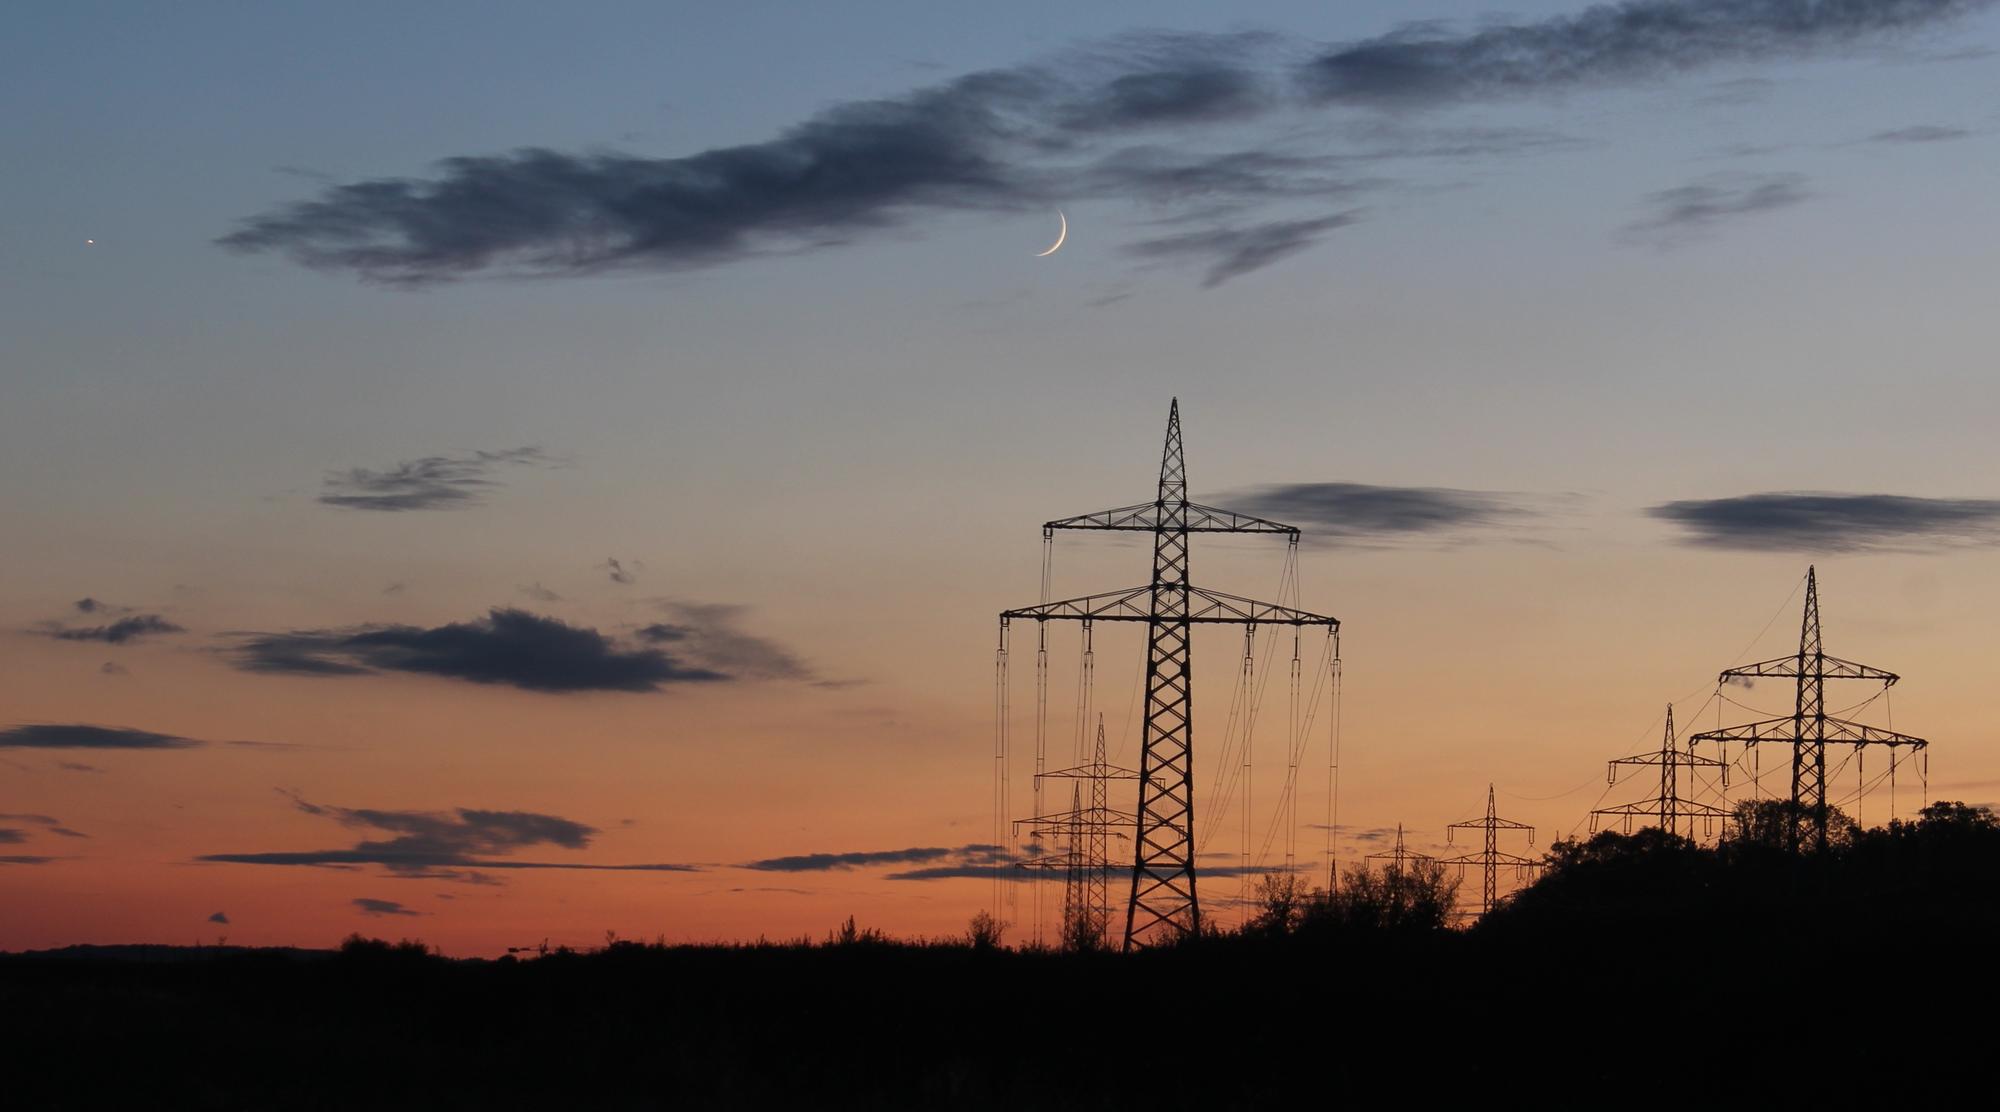 Mond und Venus in der Abenddämmerung